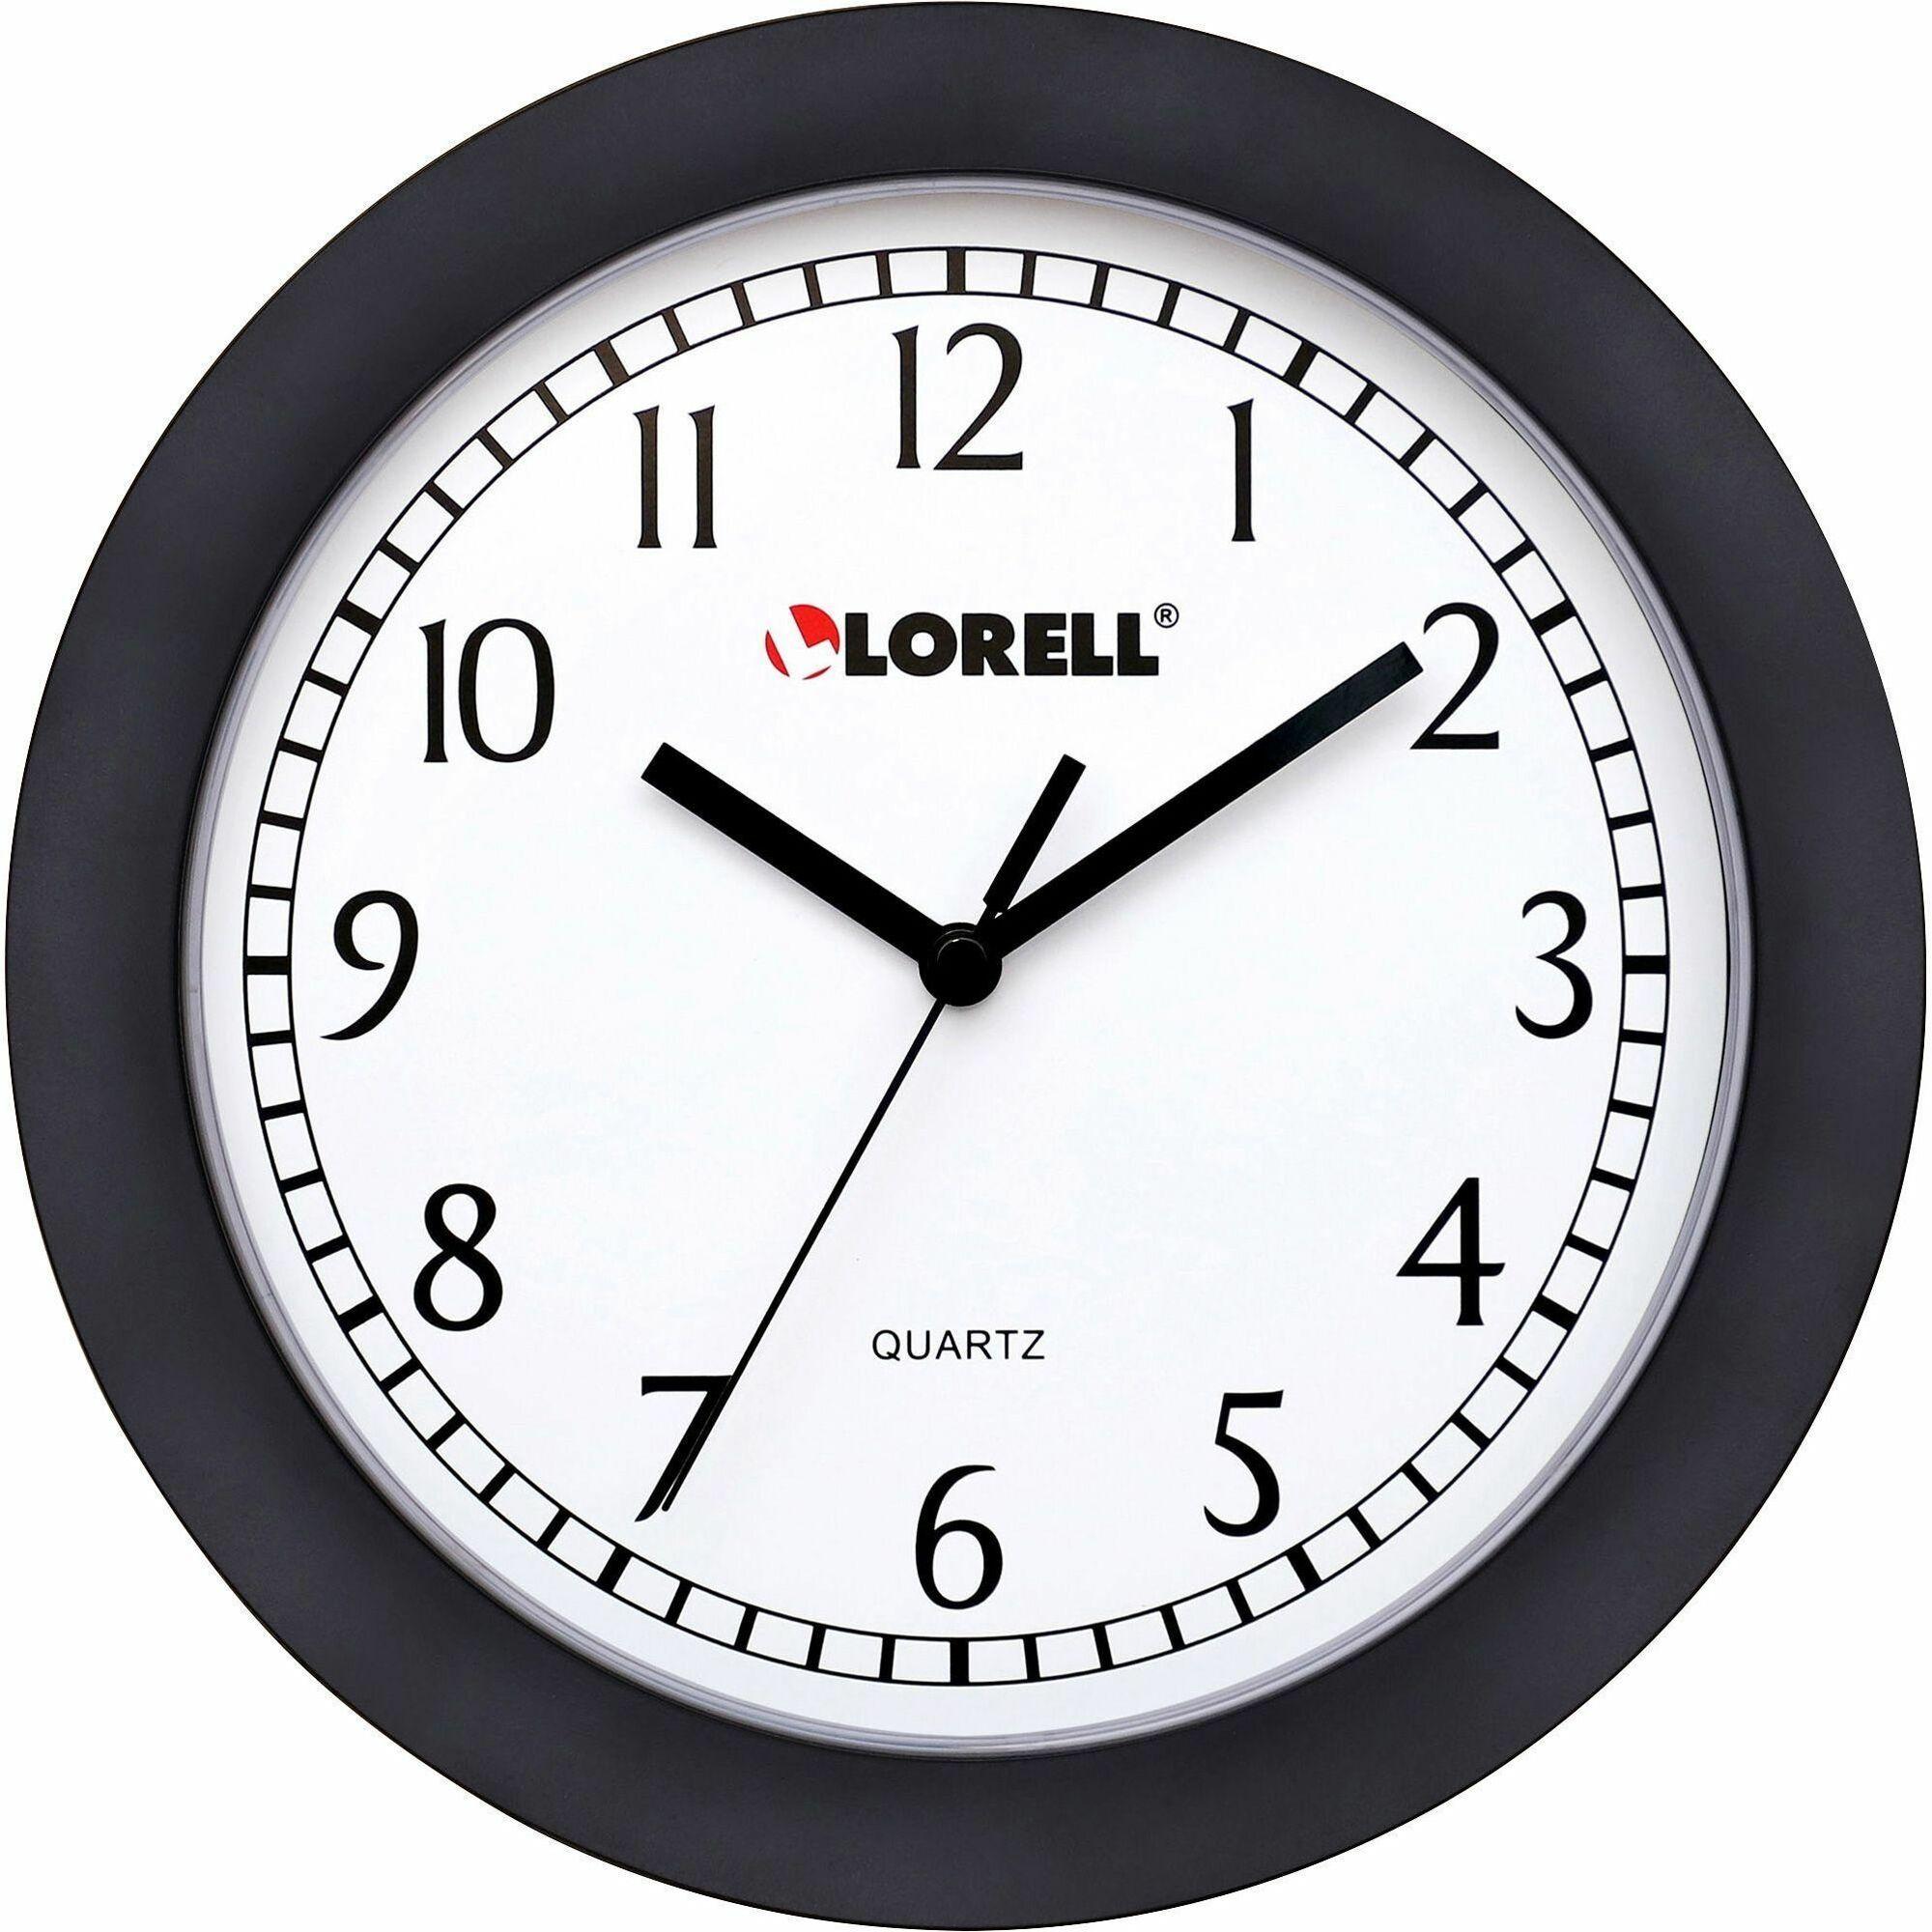 """Lorell Wall Clock 9/"""" Arabic Numerals White Dial//Black Frame 60987"""